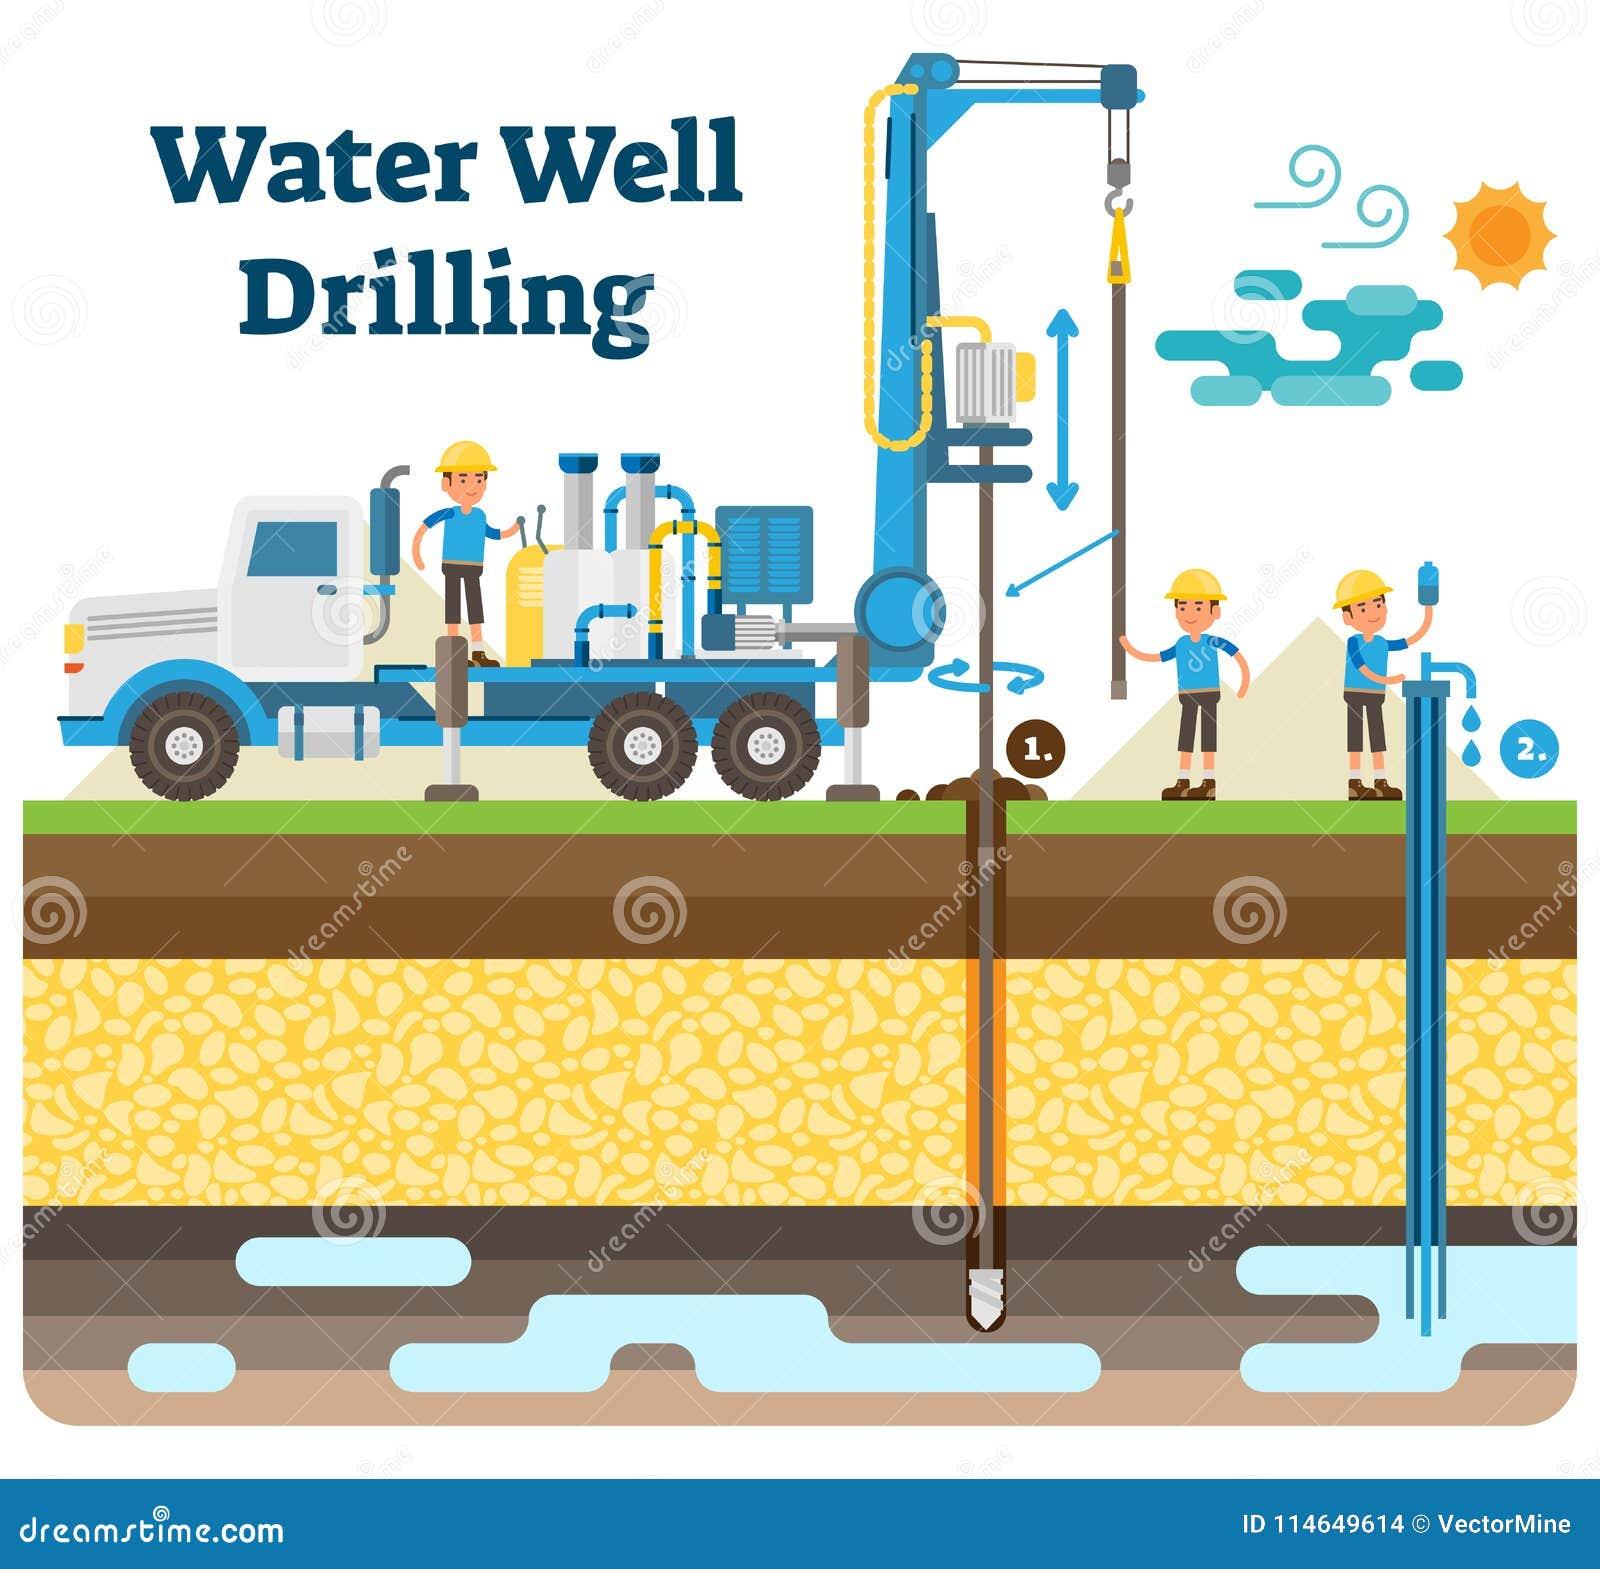 Diagrama da ilustração do vetor da perfuração do poço de água com processo da perfuração, equipamento da maquinaria e trabalhador